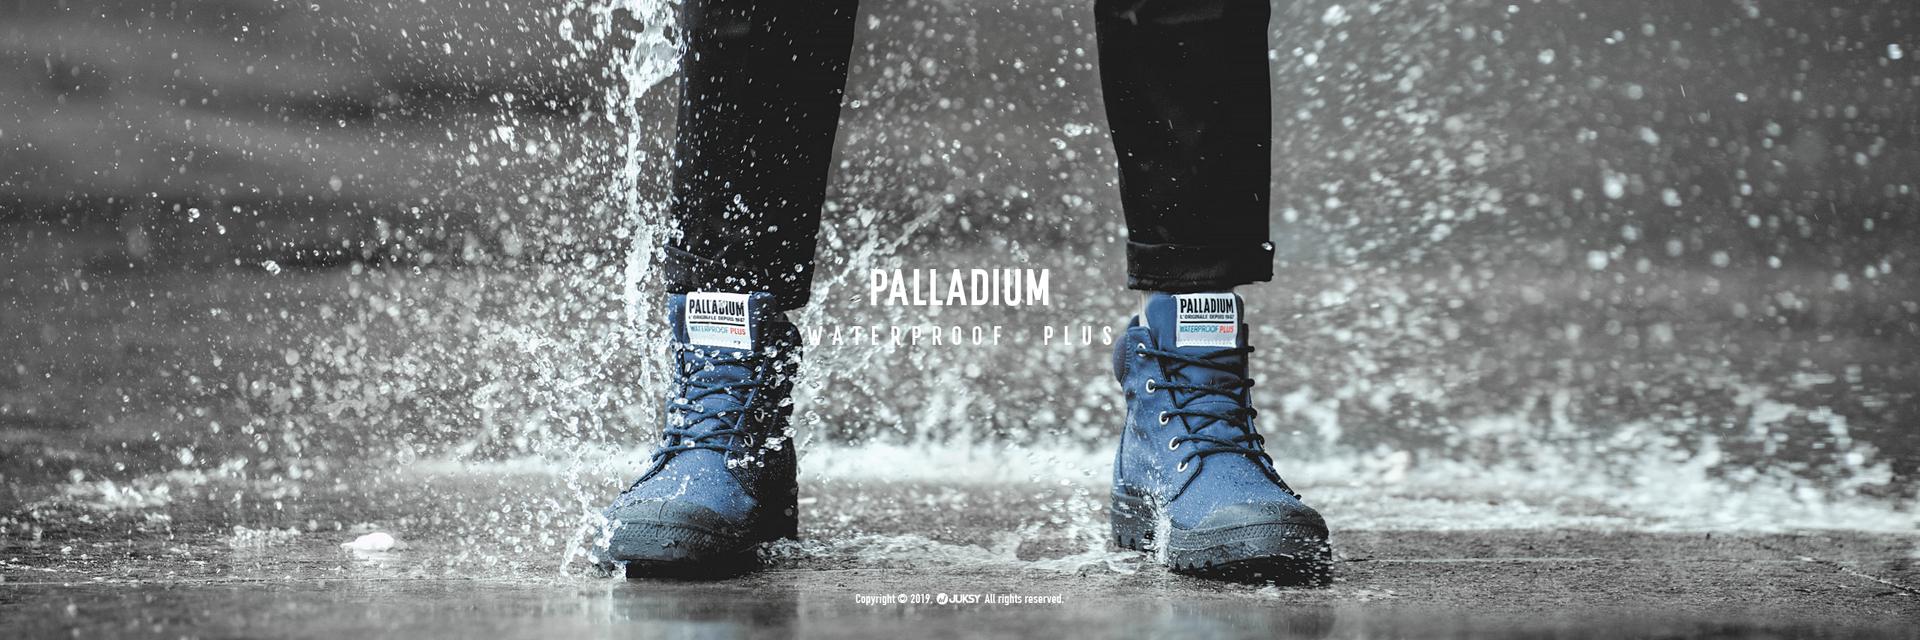 〔開箱實測文〕PALLADIUM 強大革新 透氣防水薄膜包覆,Waterproof Plus 橘標防水撼動問世!